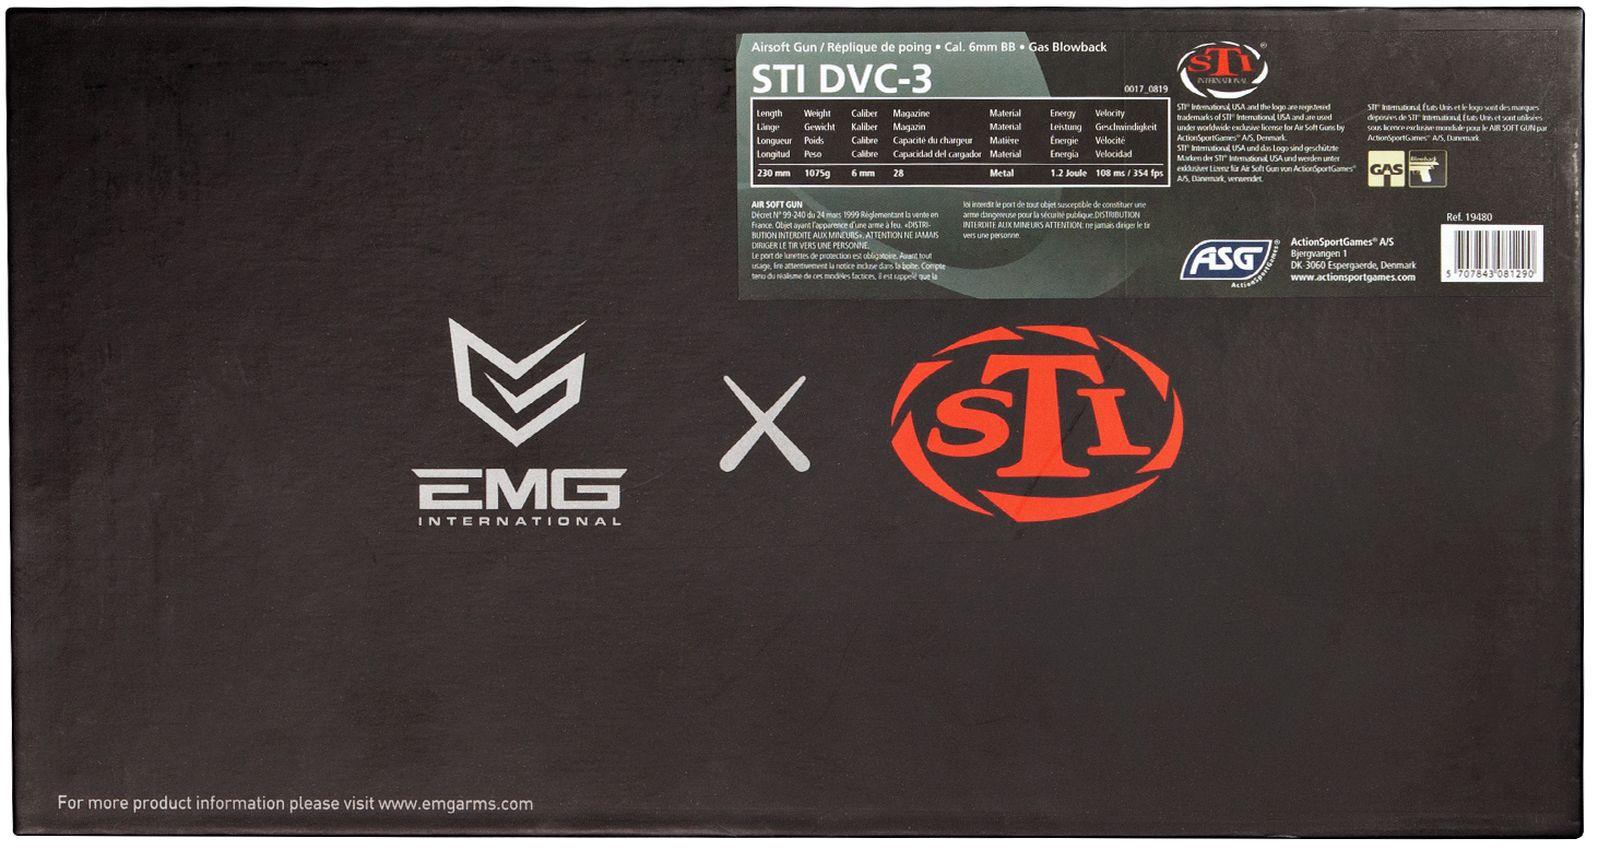 Réplique de poing Airsoft STI DVC 3 Gaz Blowback